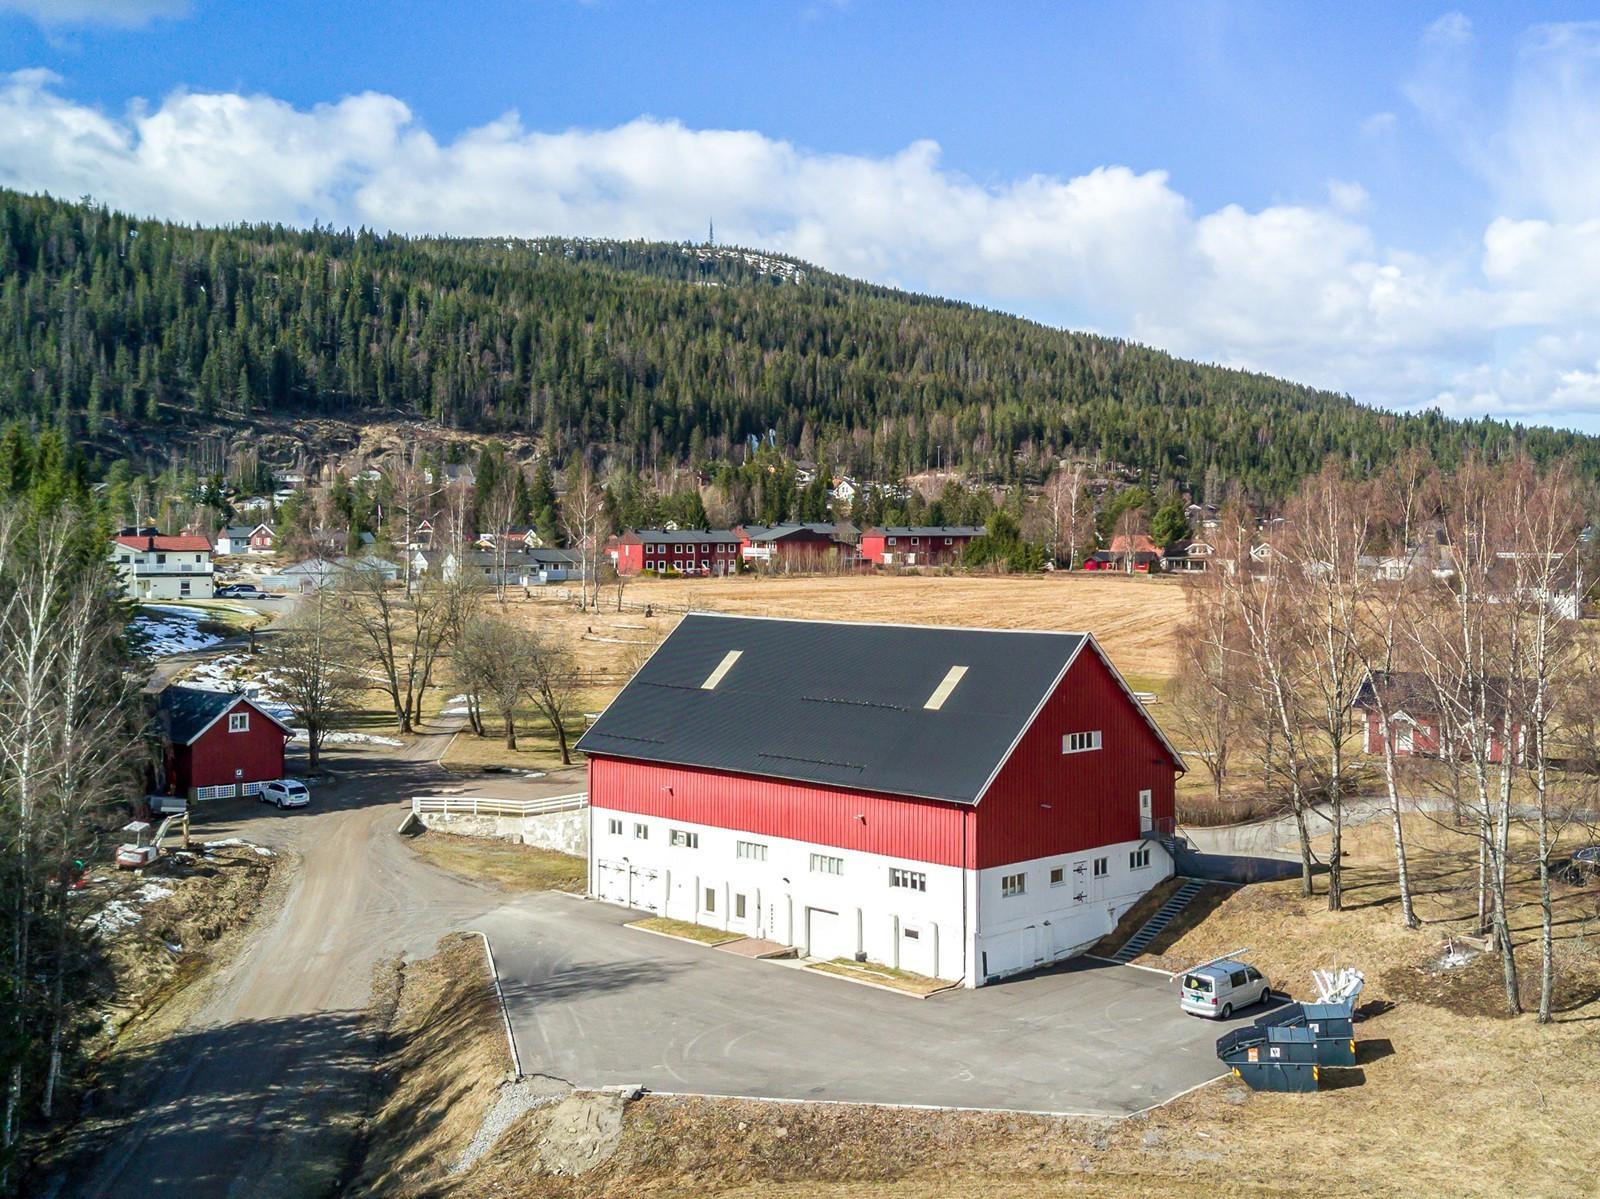 Enkel avkjøring til eiendommen fra Hadelandsveien - godt med parkering / uteplass